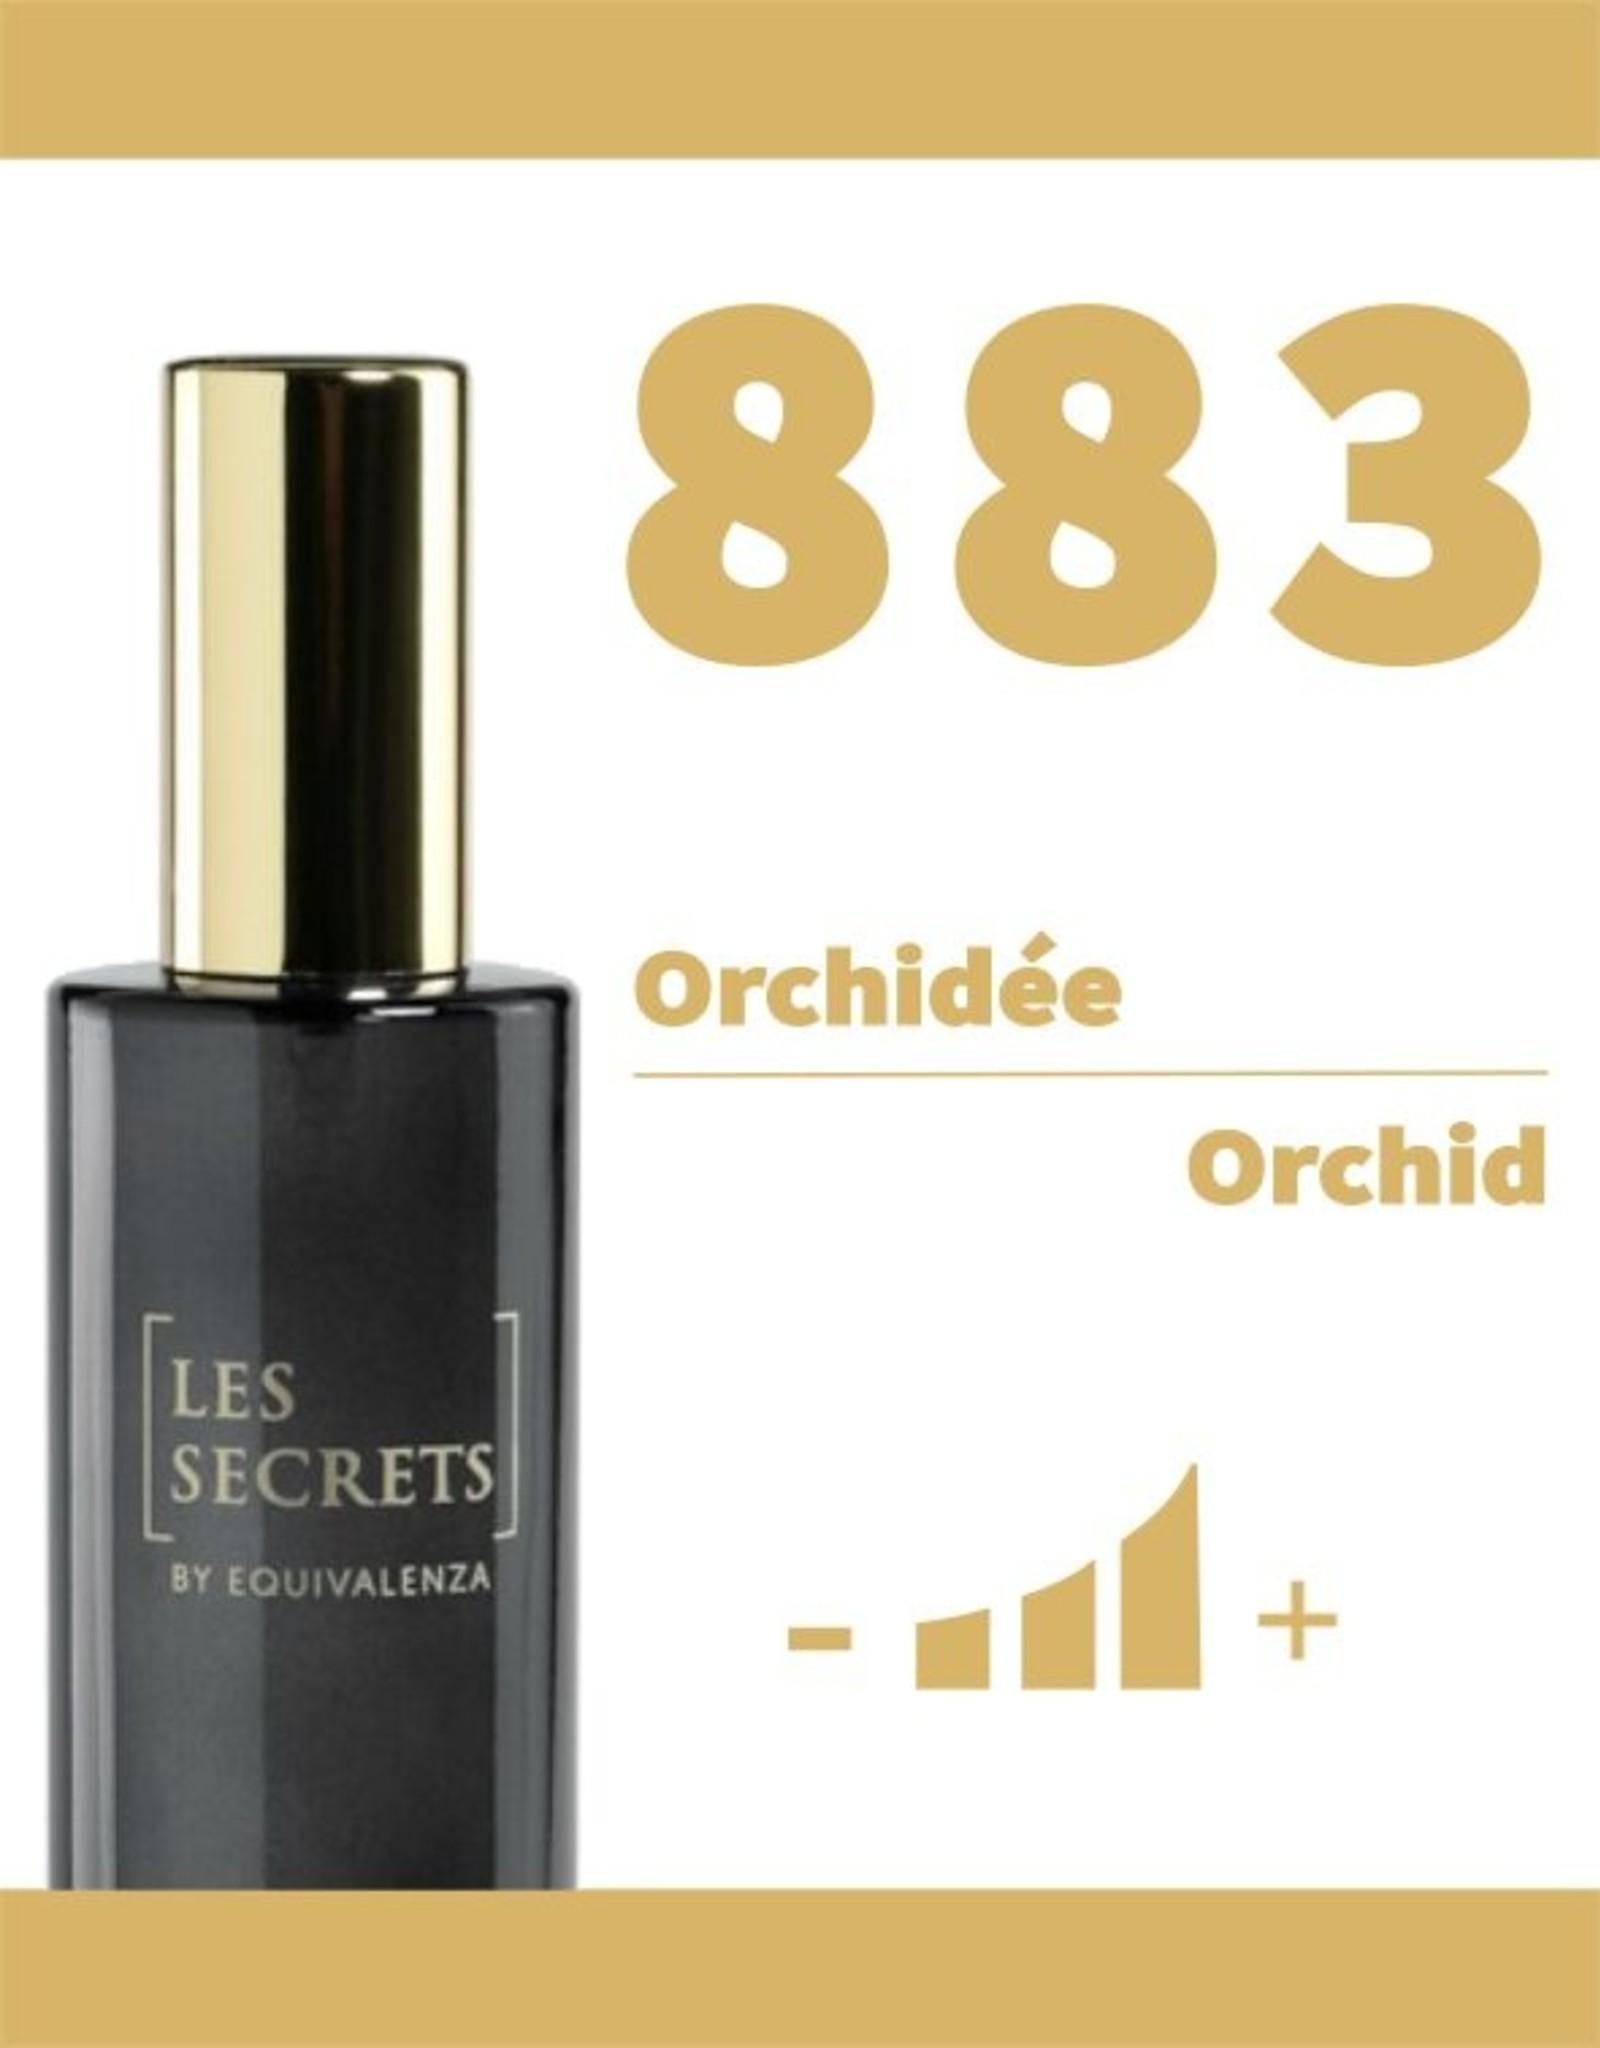 Equivalenza Eau de Parfum Orchidée